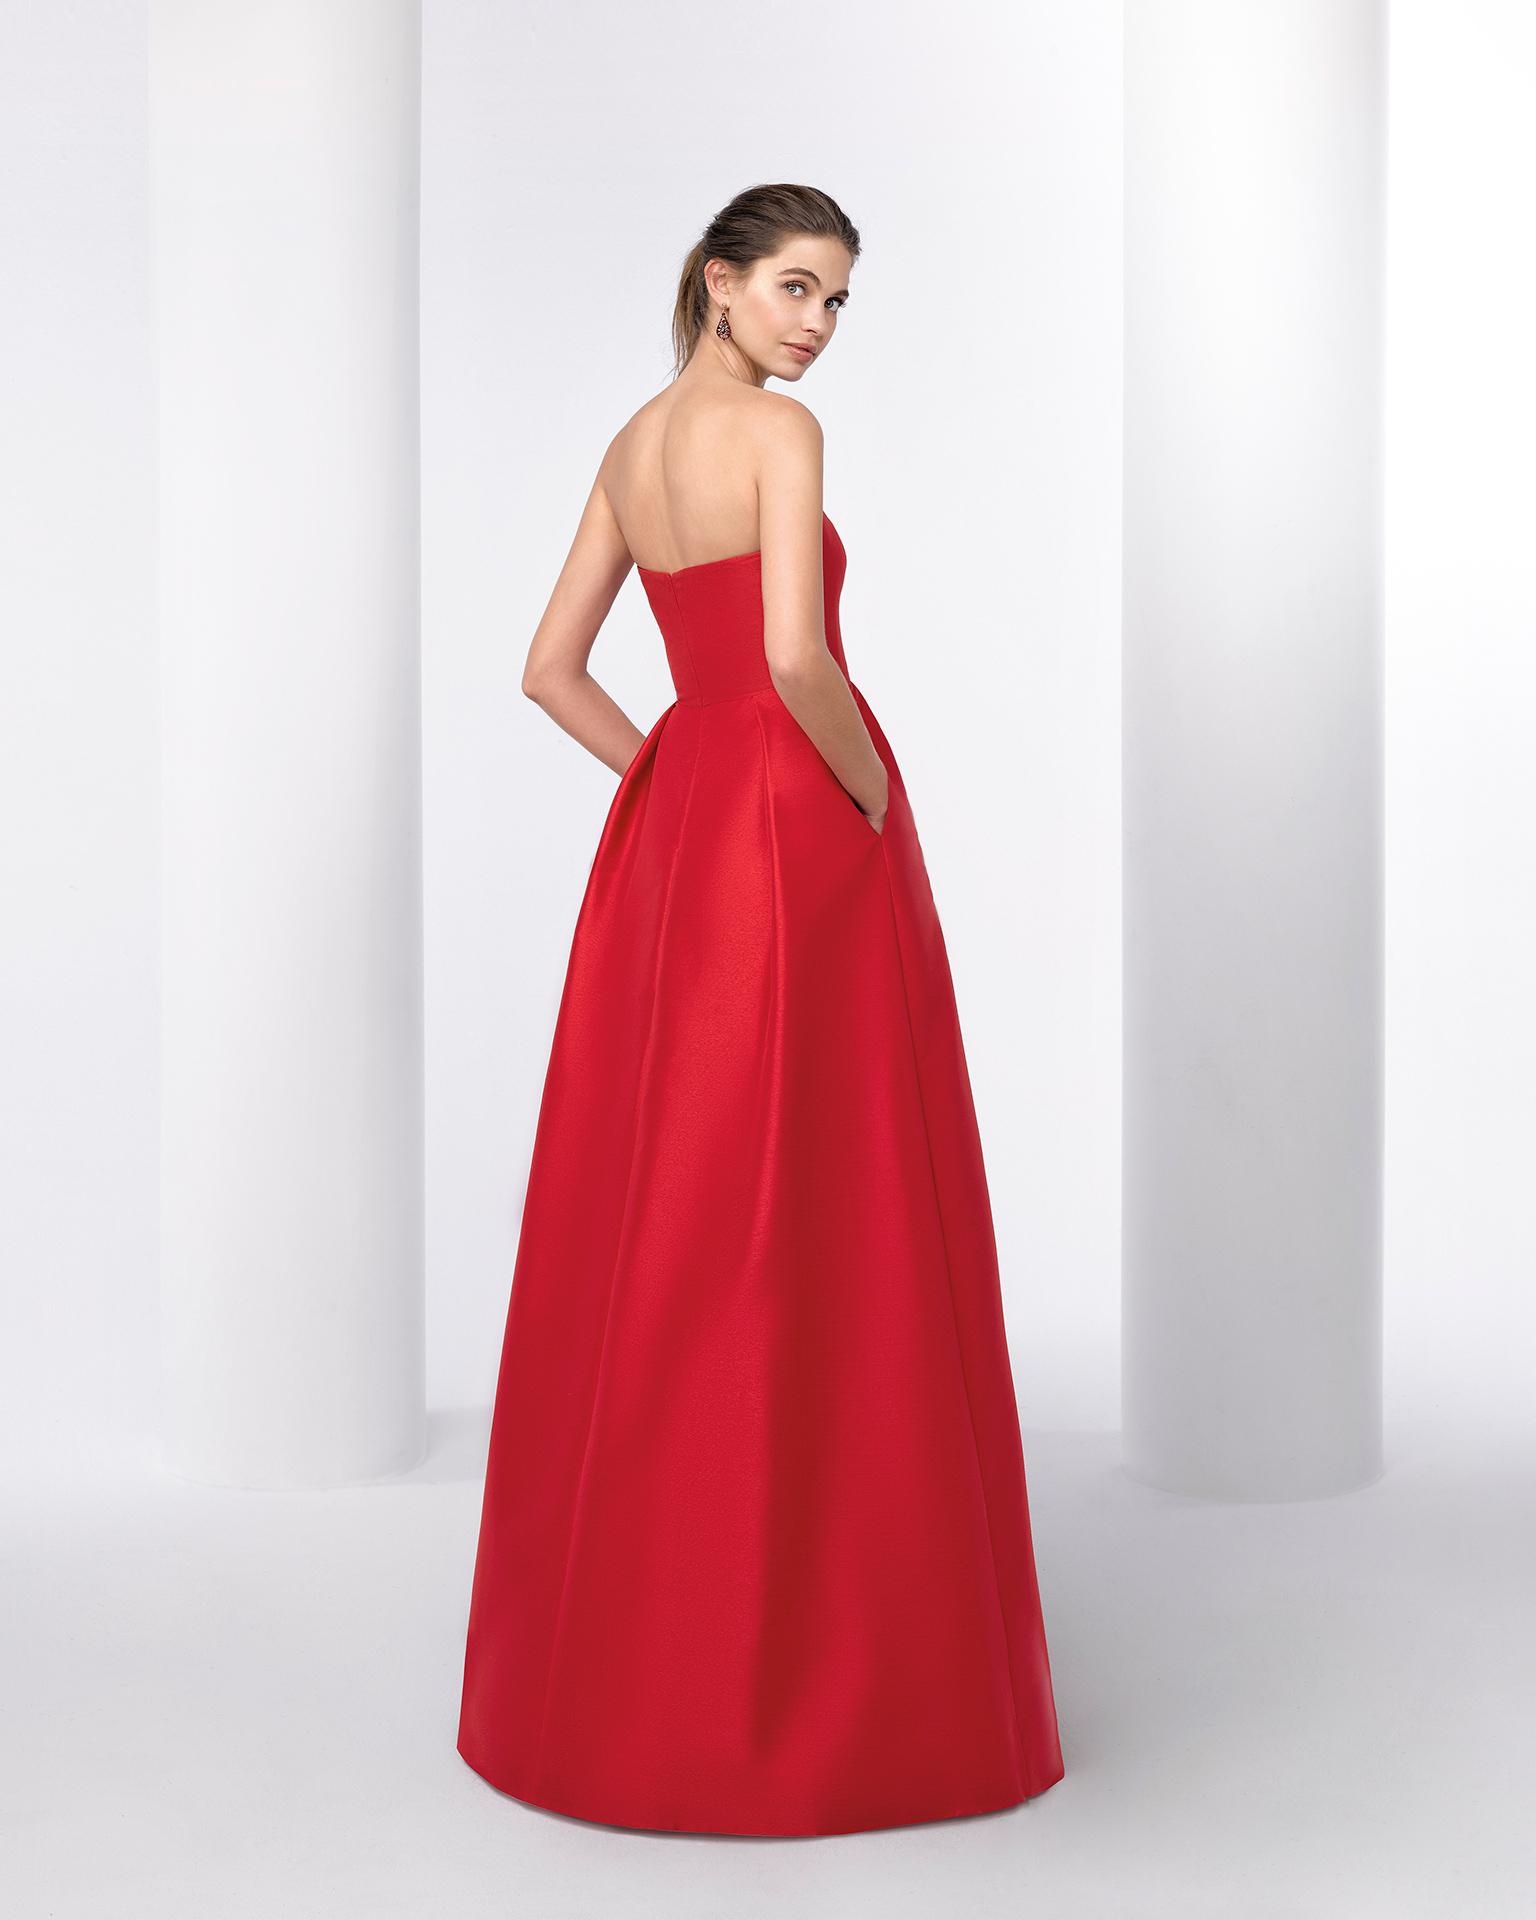 Rochie de cocktail lungă din faille, cu decolteu fără bretele. Disponibilă în culorile roșu și cobalt. Colecția FIESTA AIRE BARCELONA 2018.